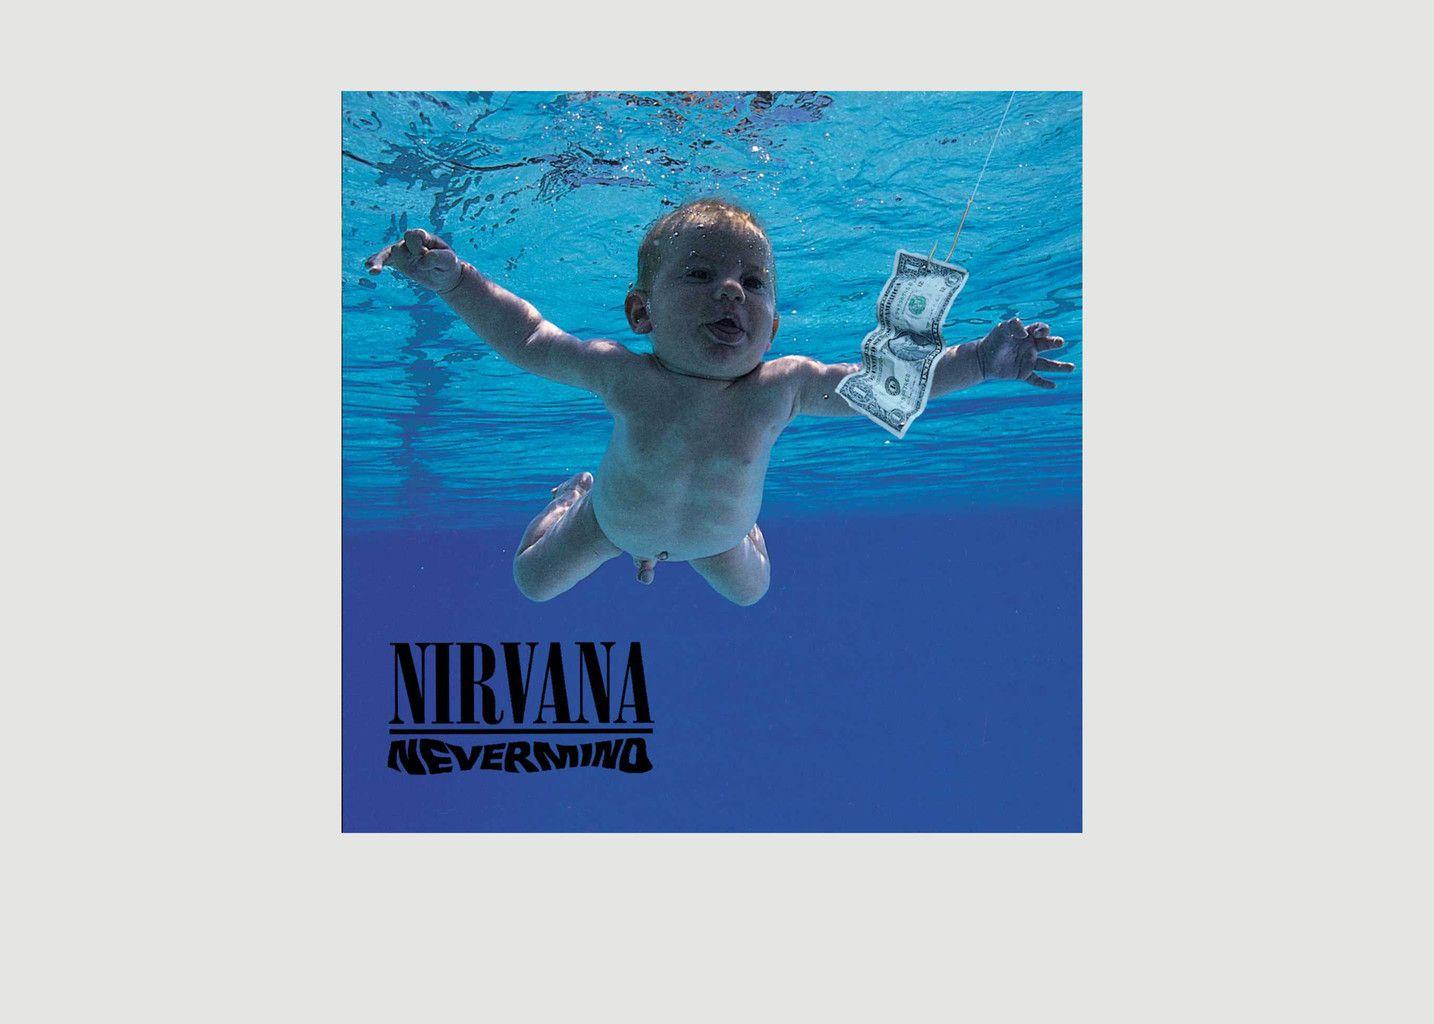 Nevermind - Nirvana - La vinyl-thèque idéale